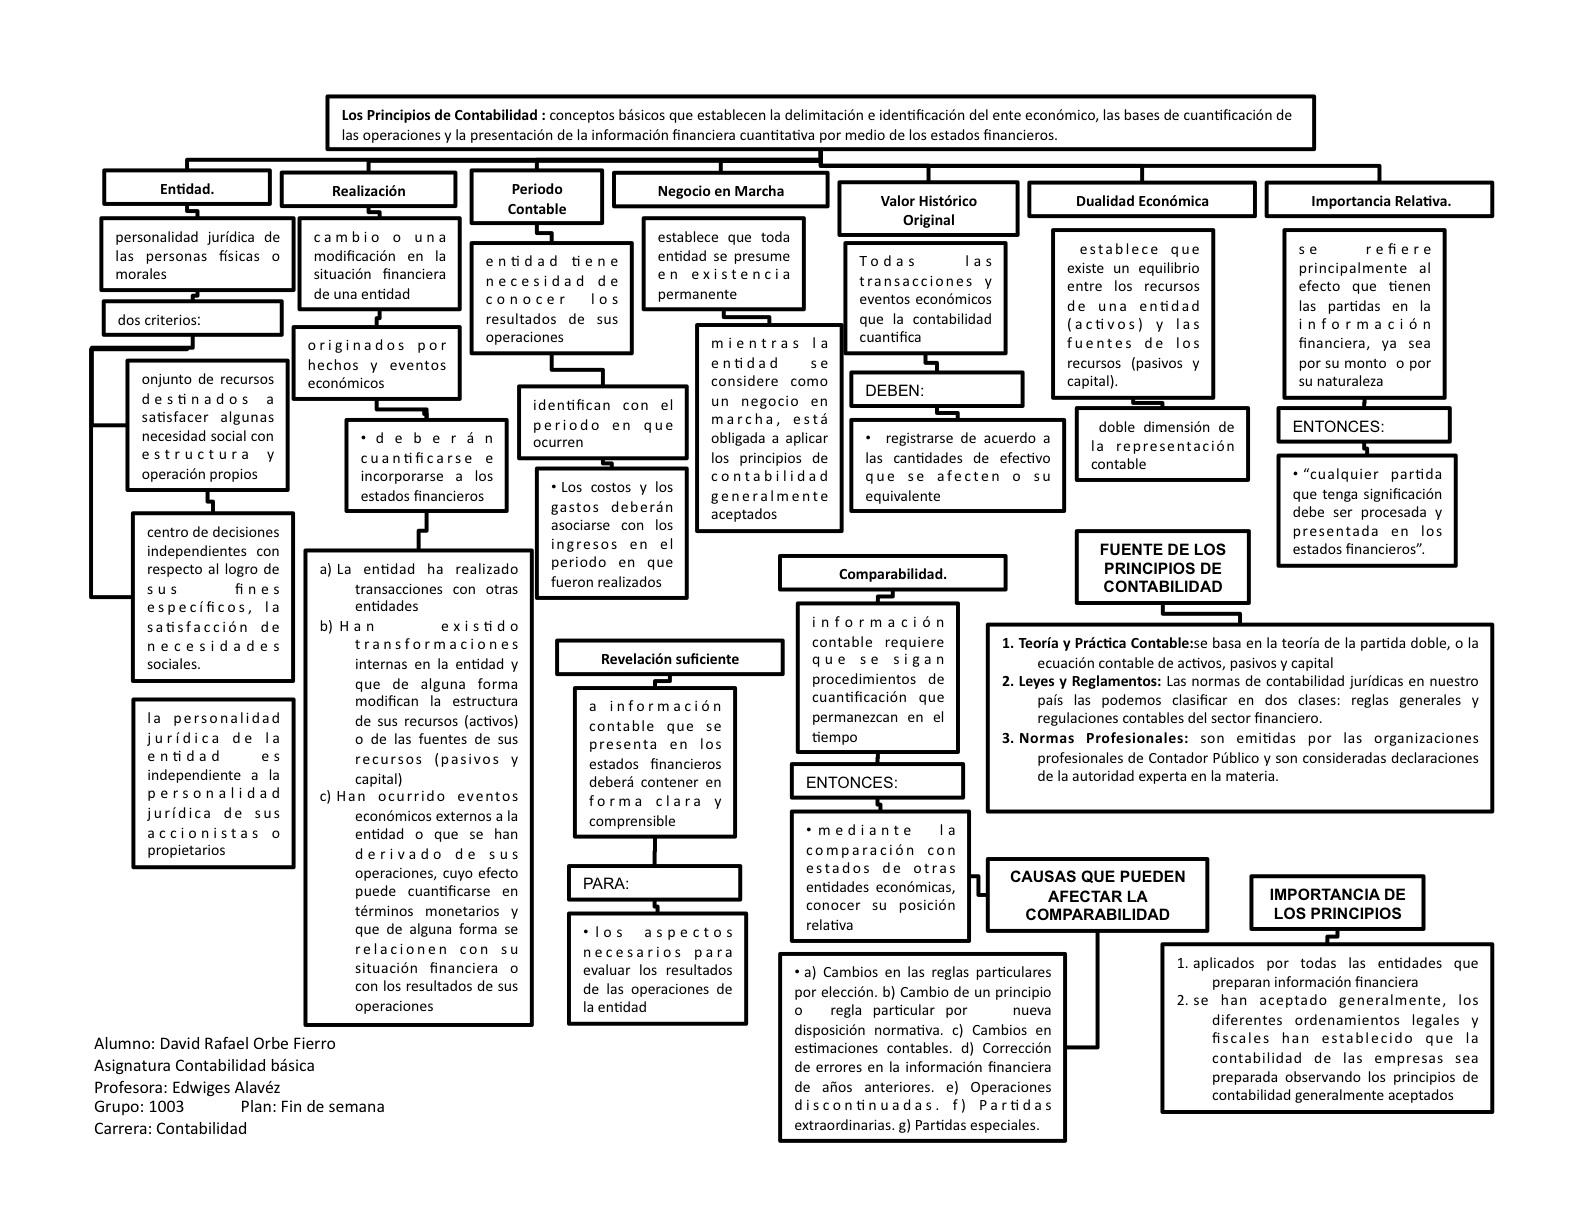 Contabilidad Fin De Semana Grupo 1003 Mapa Conceptual De